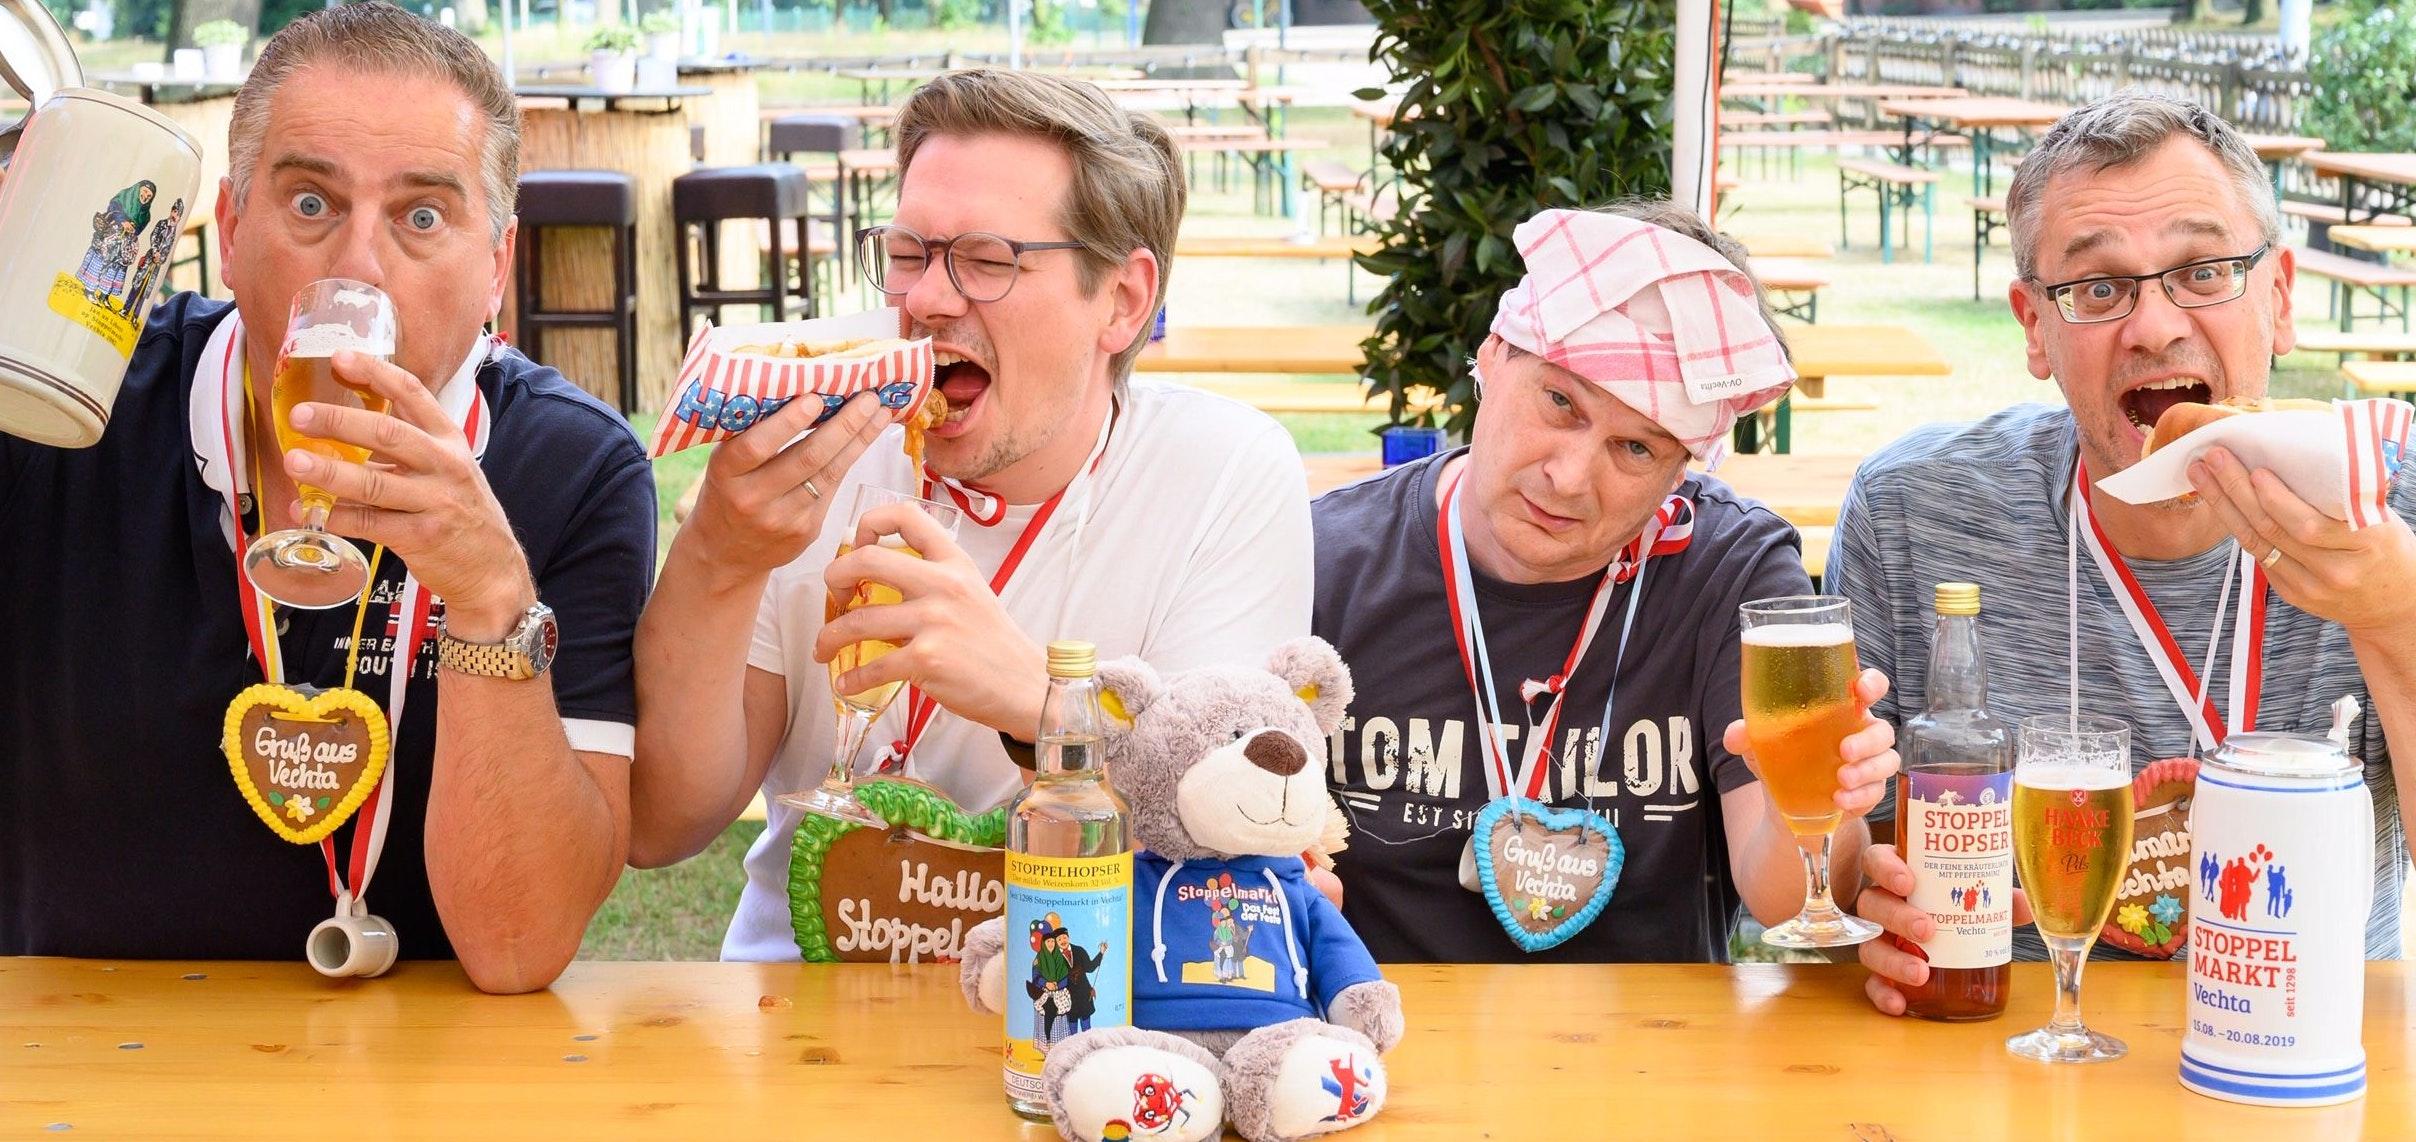 Hatten wie immer mächtig Spaß beim Unsinn schreiben: Die StoMa-Redakteure (von links) Matthias Niehues, Lars Chowanietz, Thomas Speckmann und Ulrich Suffner. Foto: Selbstauslöser